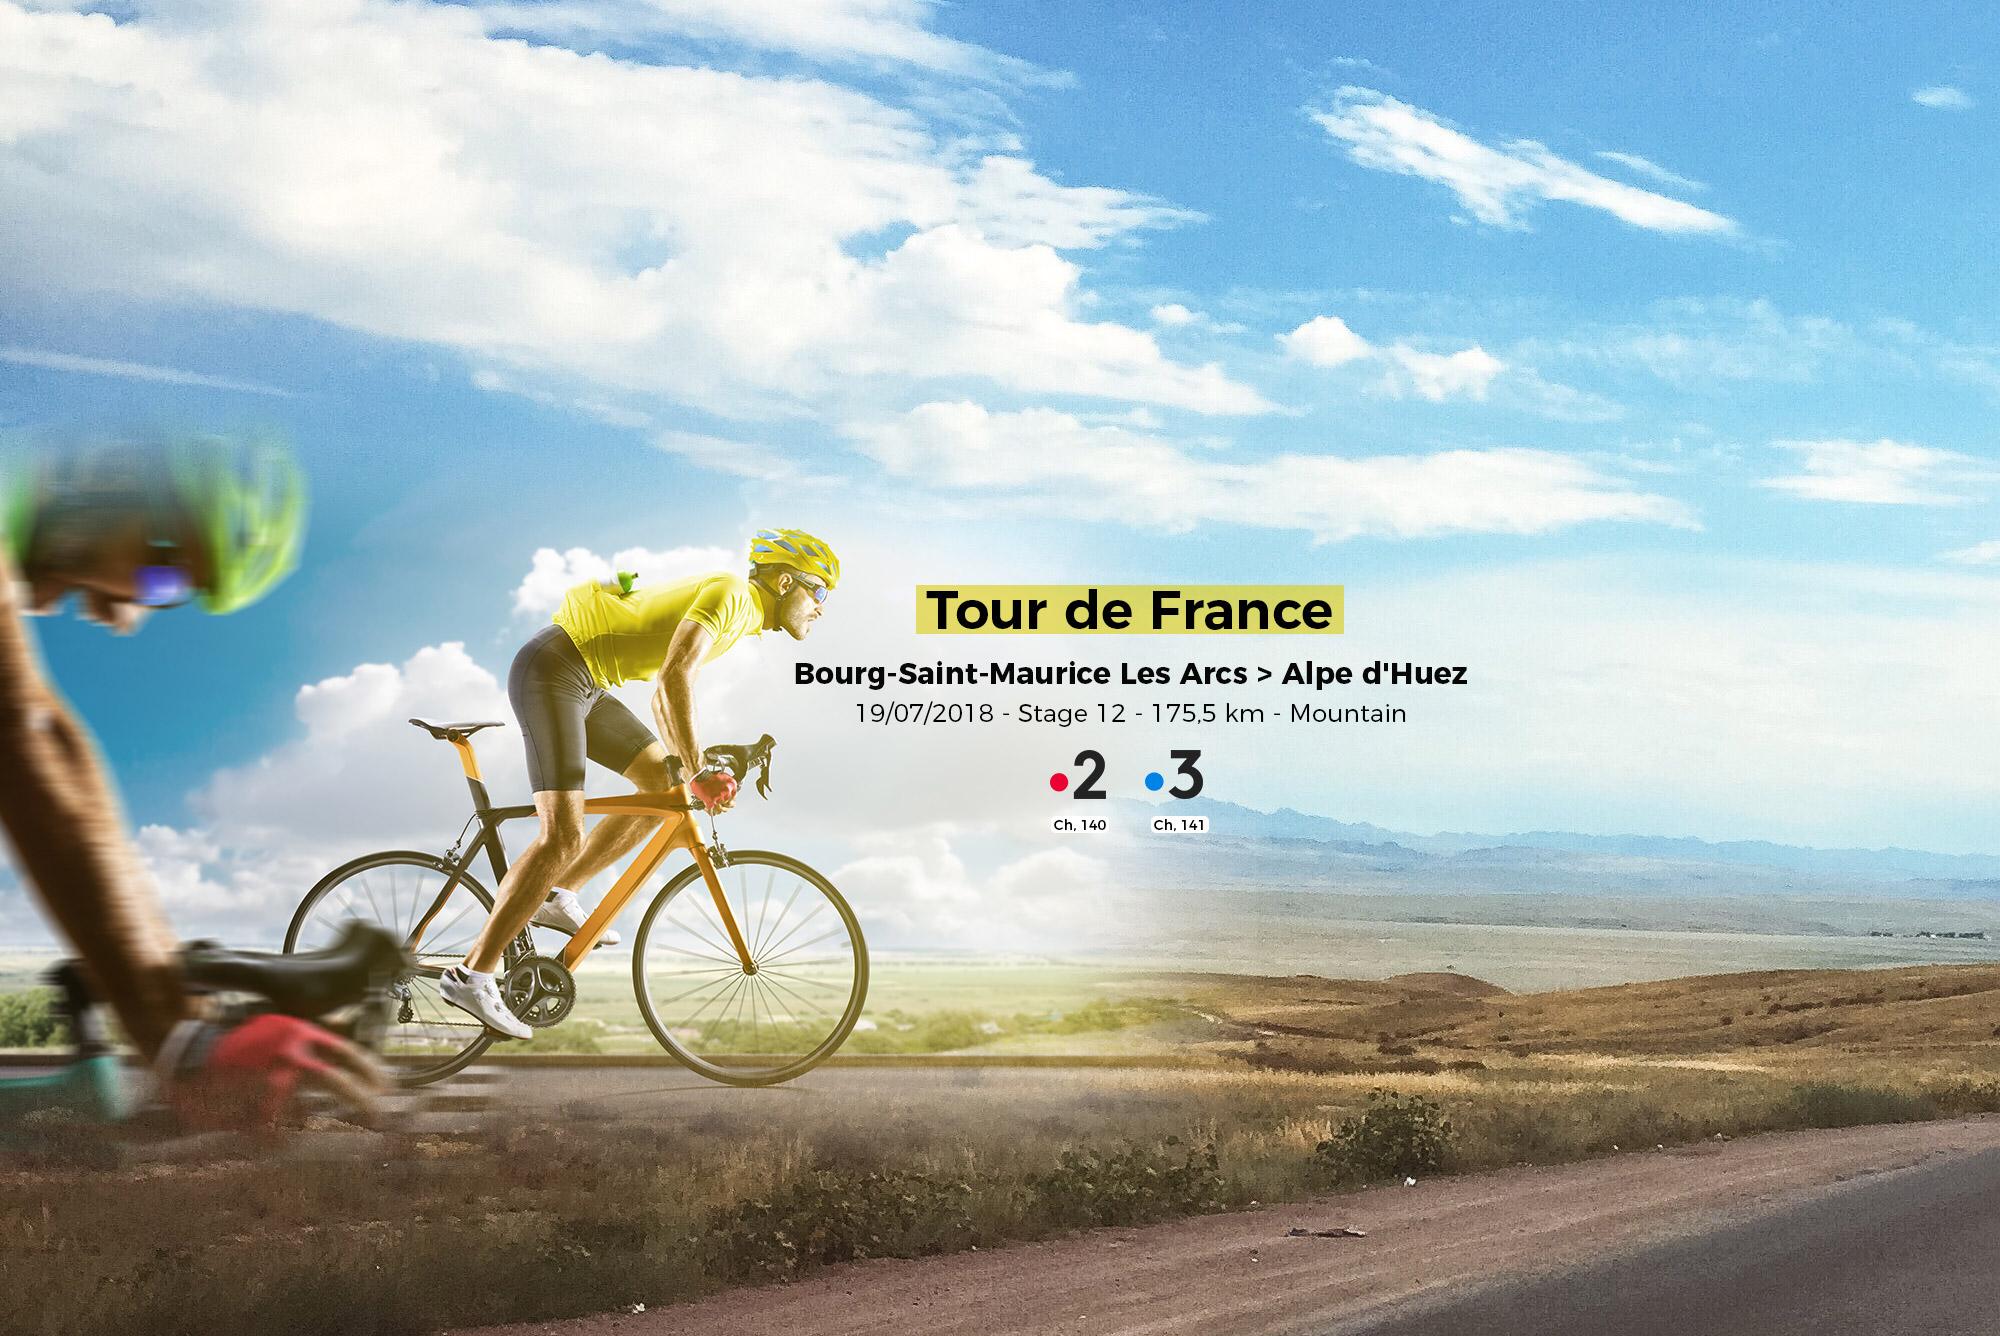 tour de france stage12